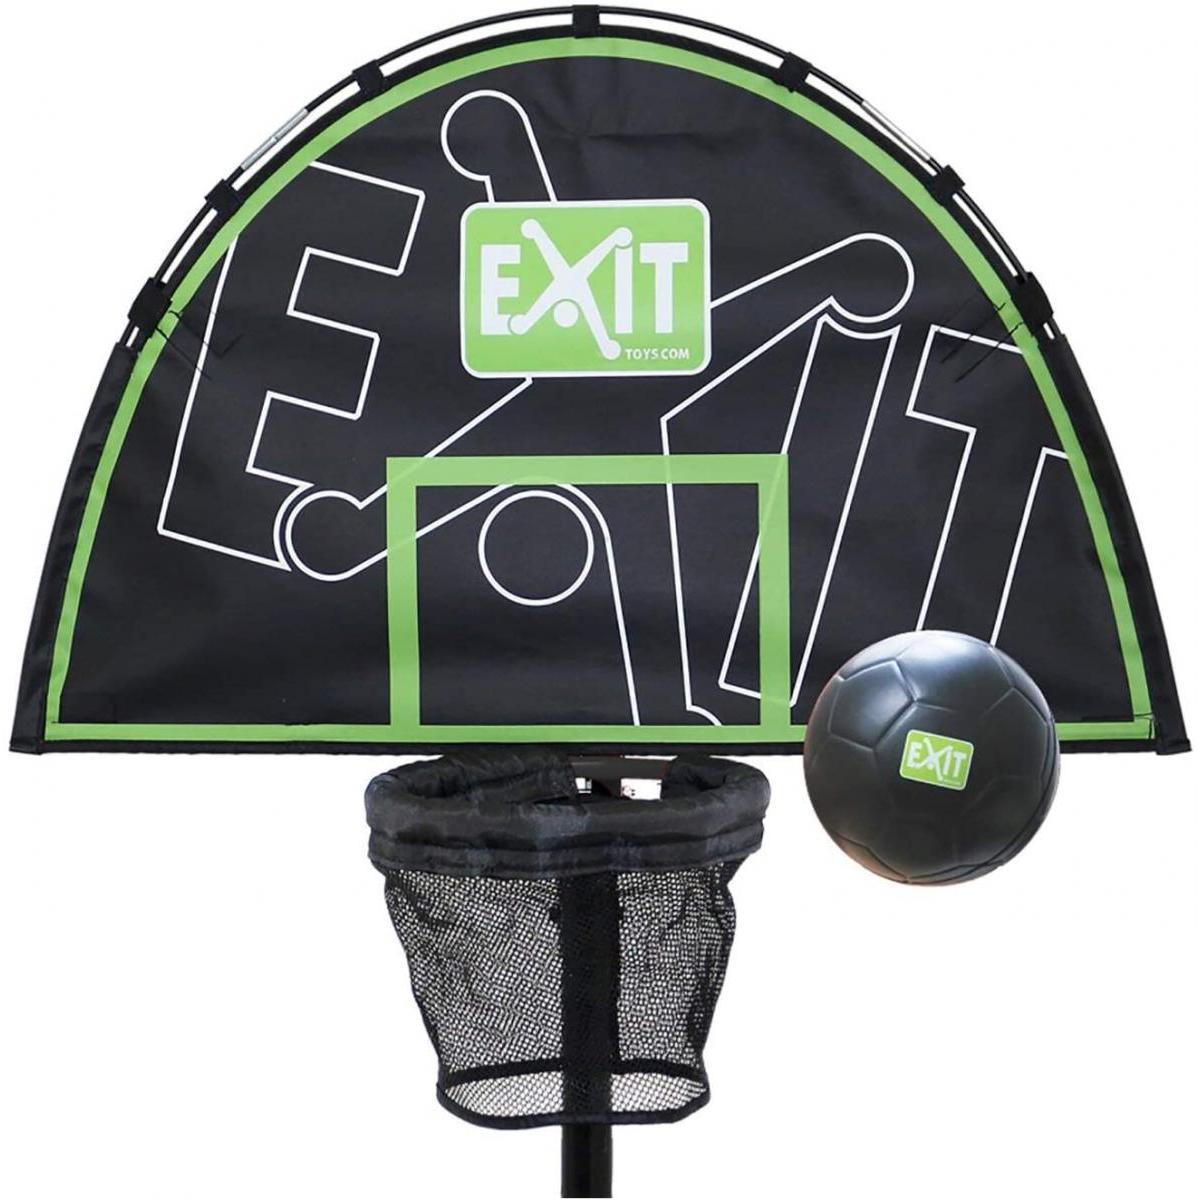 Exit EXIT panier de basket+ mini ballon en mousse pour Trampoline